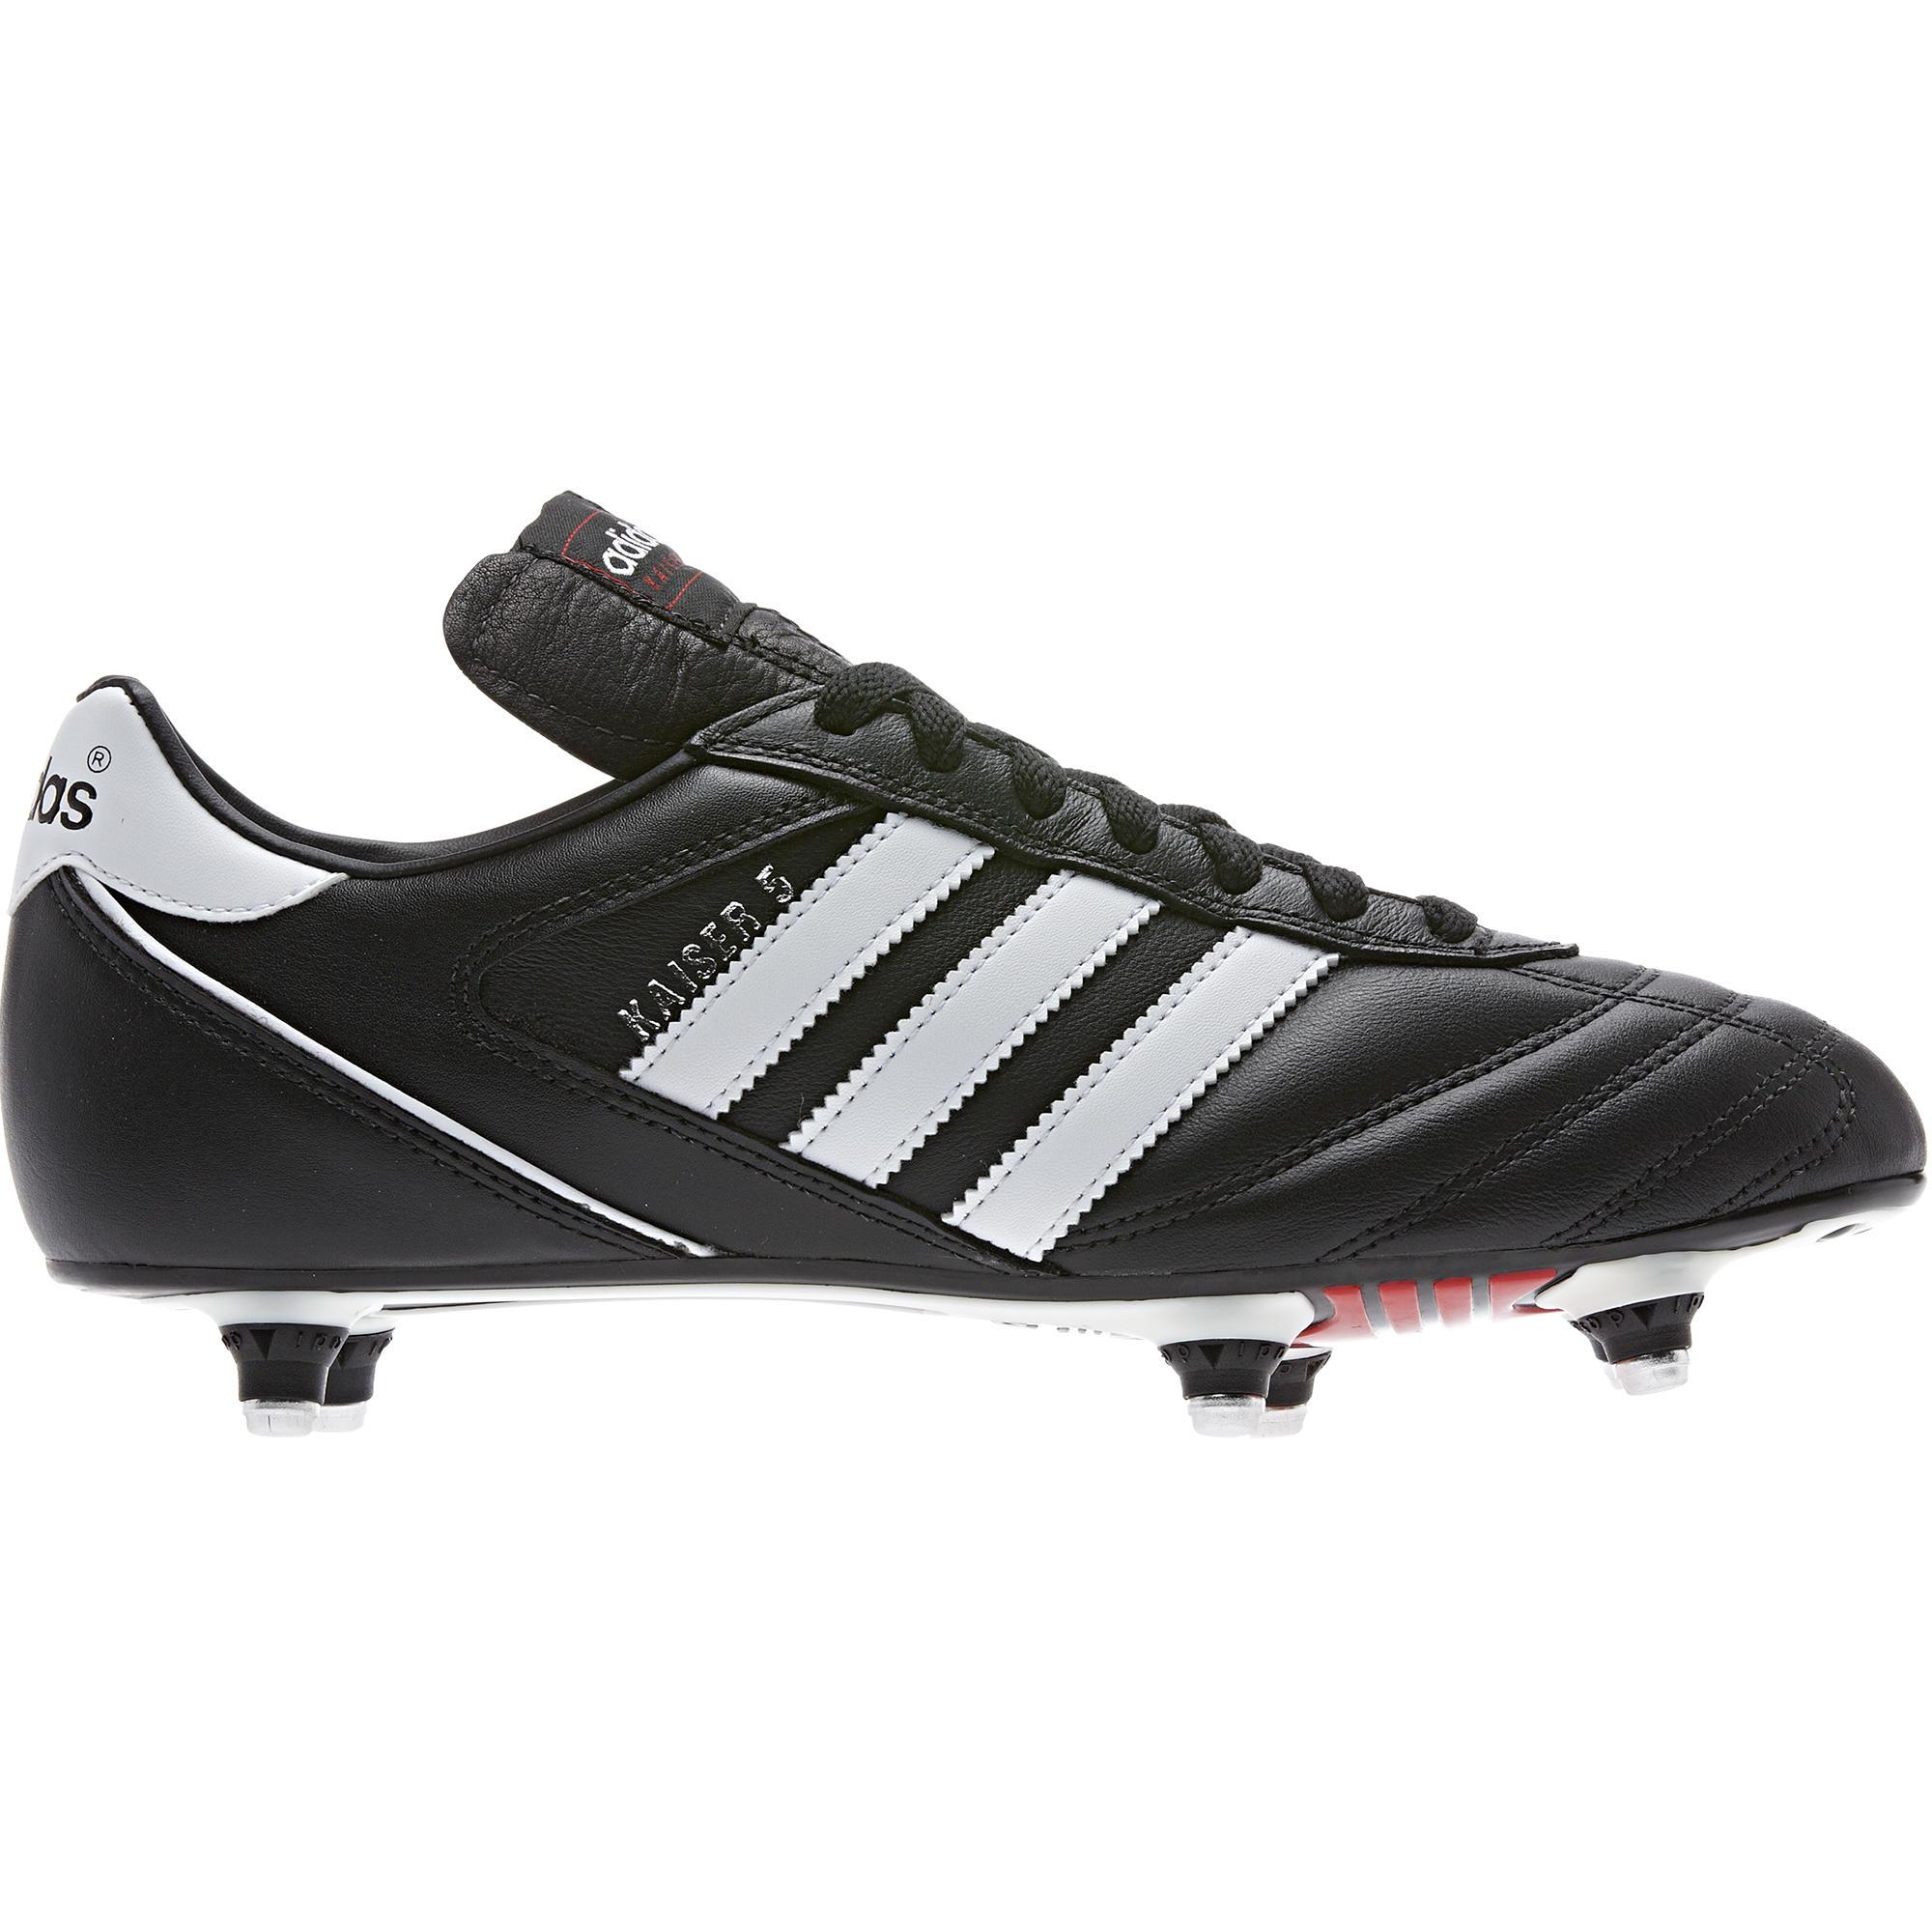 Adidas Voetbalschoenen Kaiser 5 Cup SG zwart